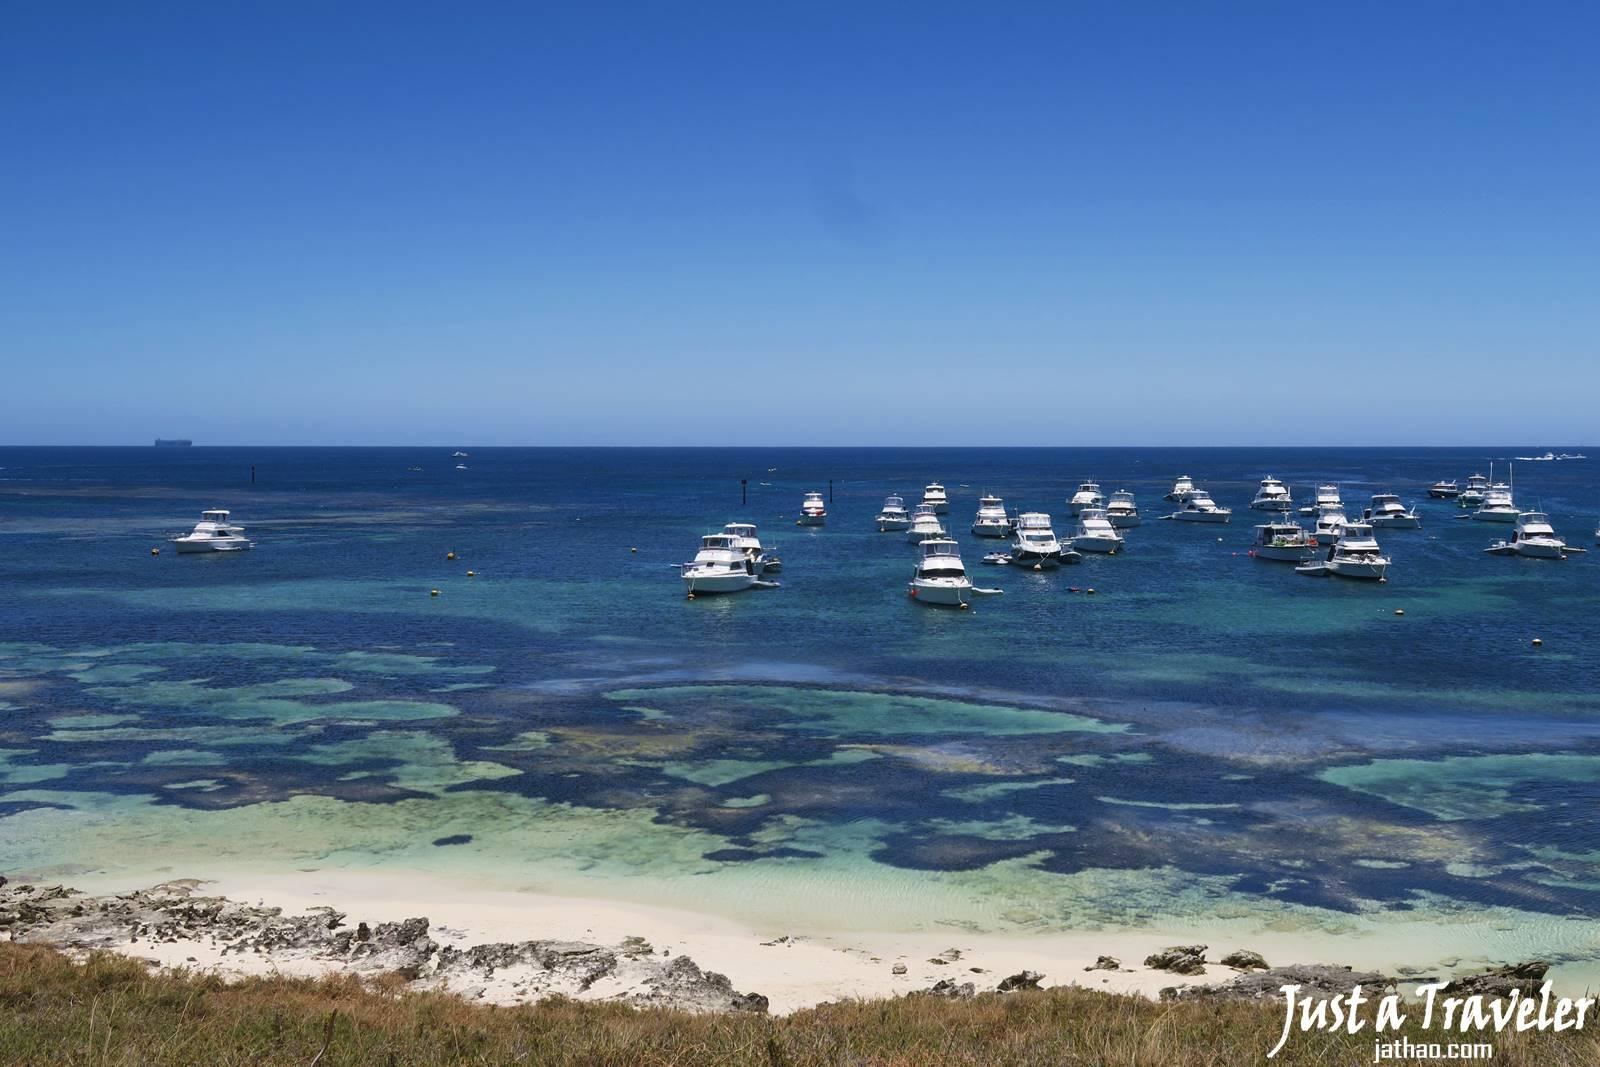 澳洲-西澳-伯斯-景點-羅特尼斯島-Rottnest Island-推薦-自由行-交通-旅遊-遊記-攻略-行程-一日遊-二日遊-必玩-必遊-Perth